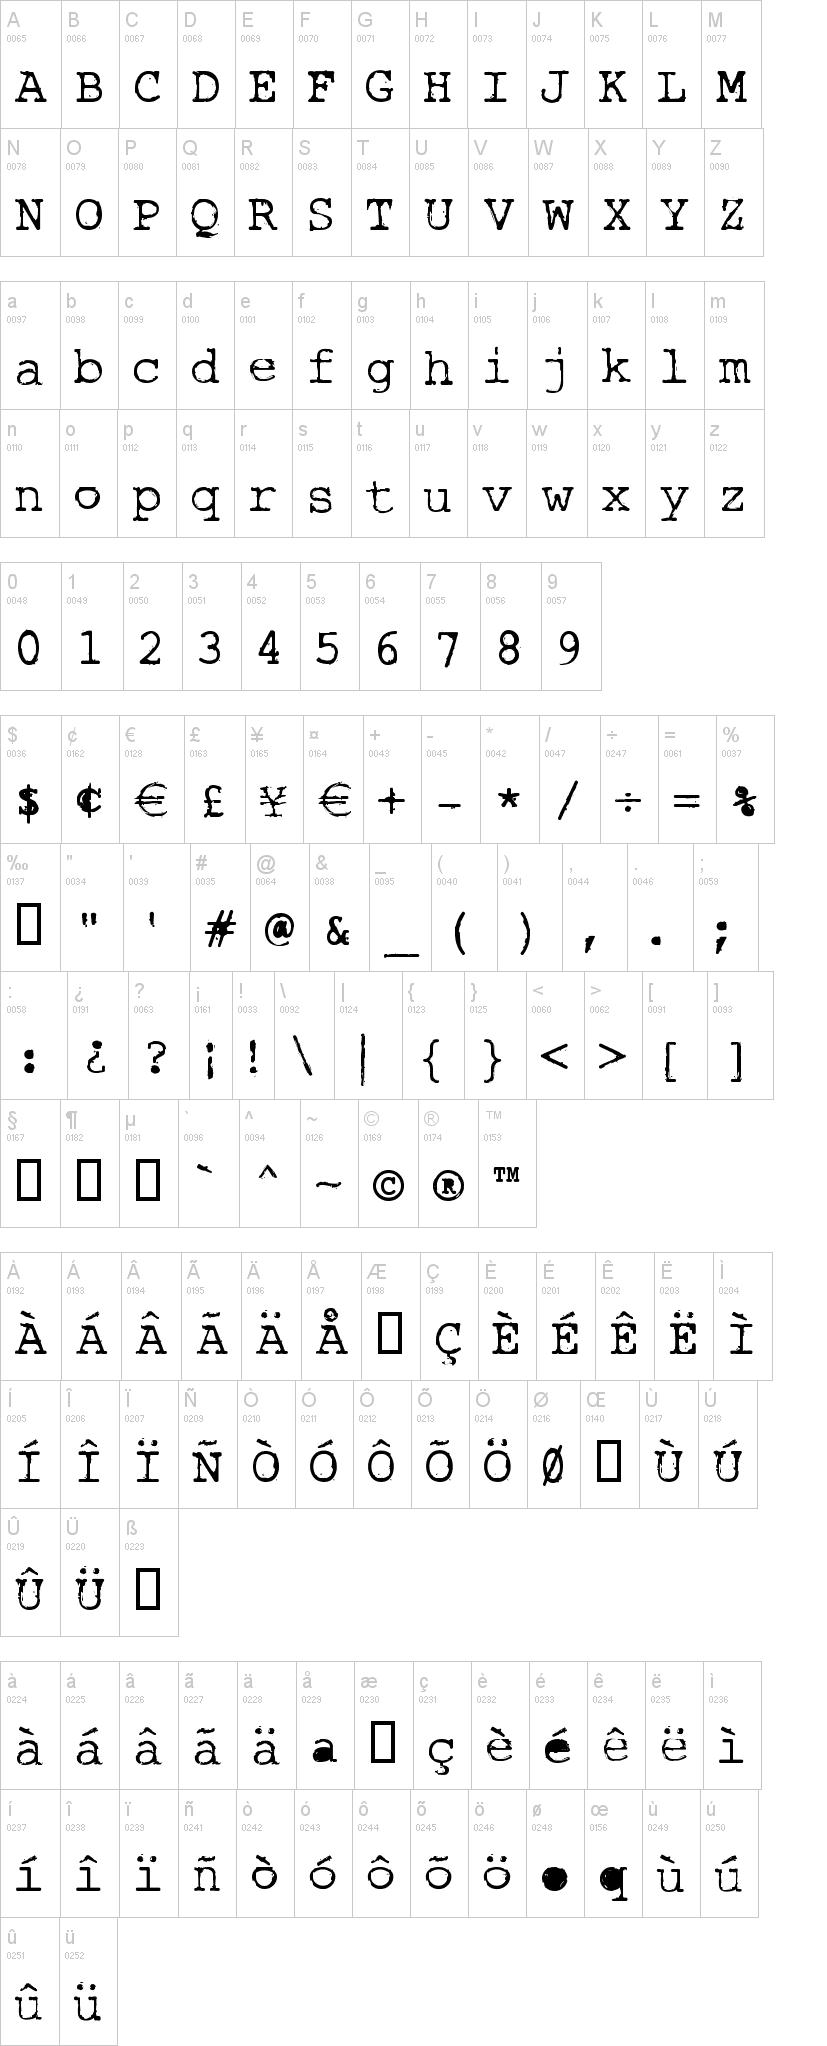 Rough Typewriter Font | dafont com